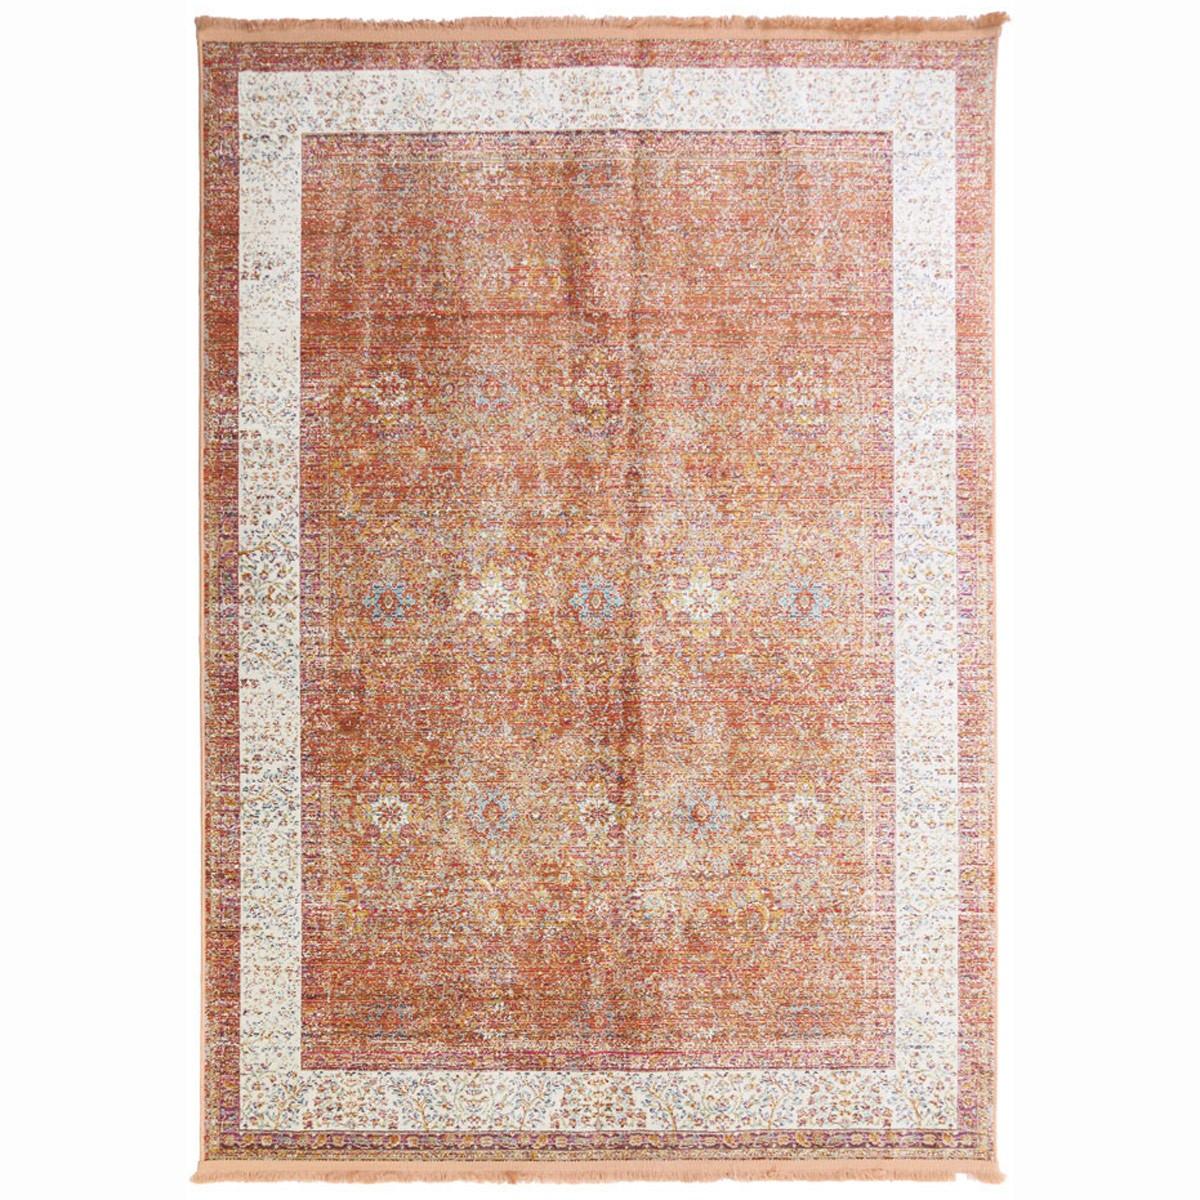 Καλοκαιρινό Χαλί (160x230) Royal Carpets Sevilla 5810 Peach S1